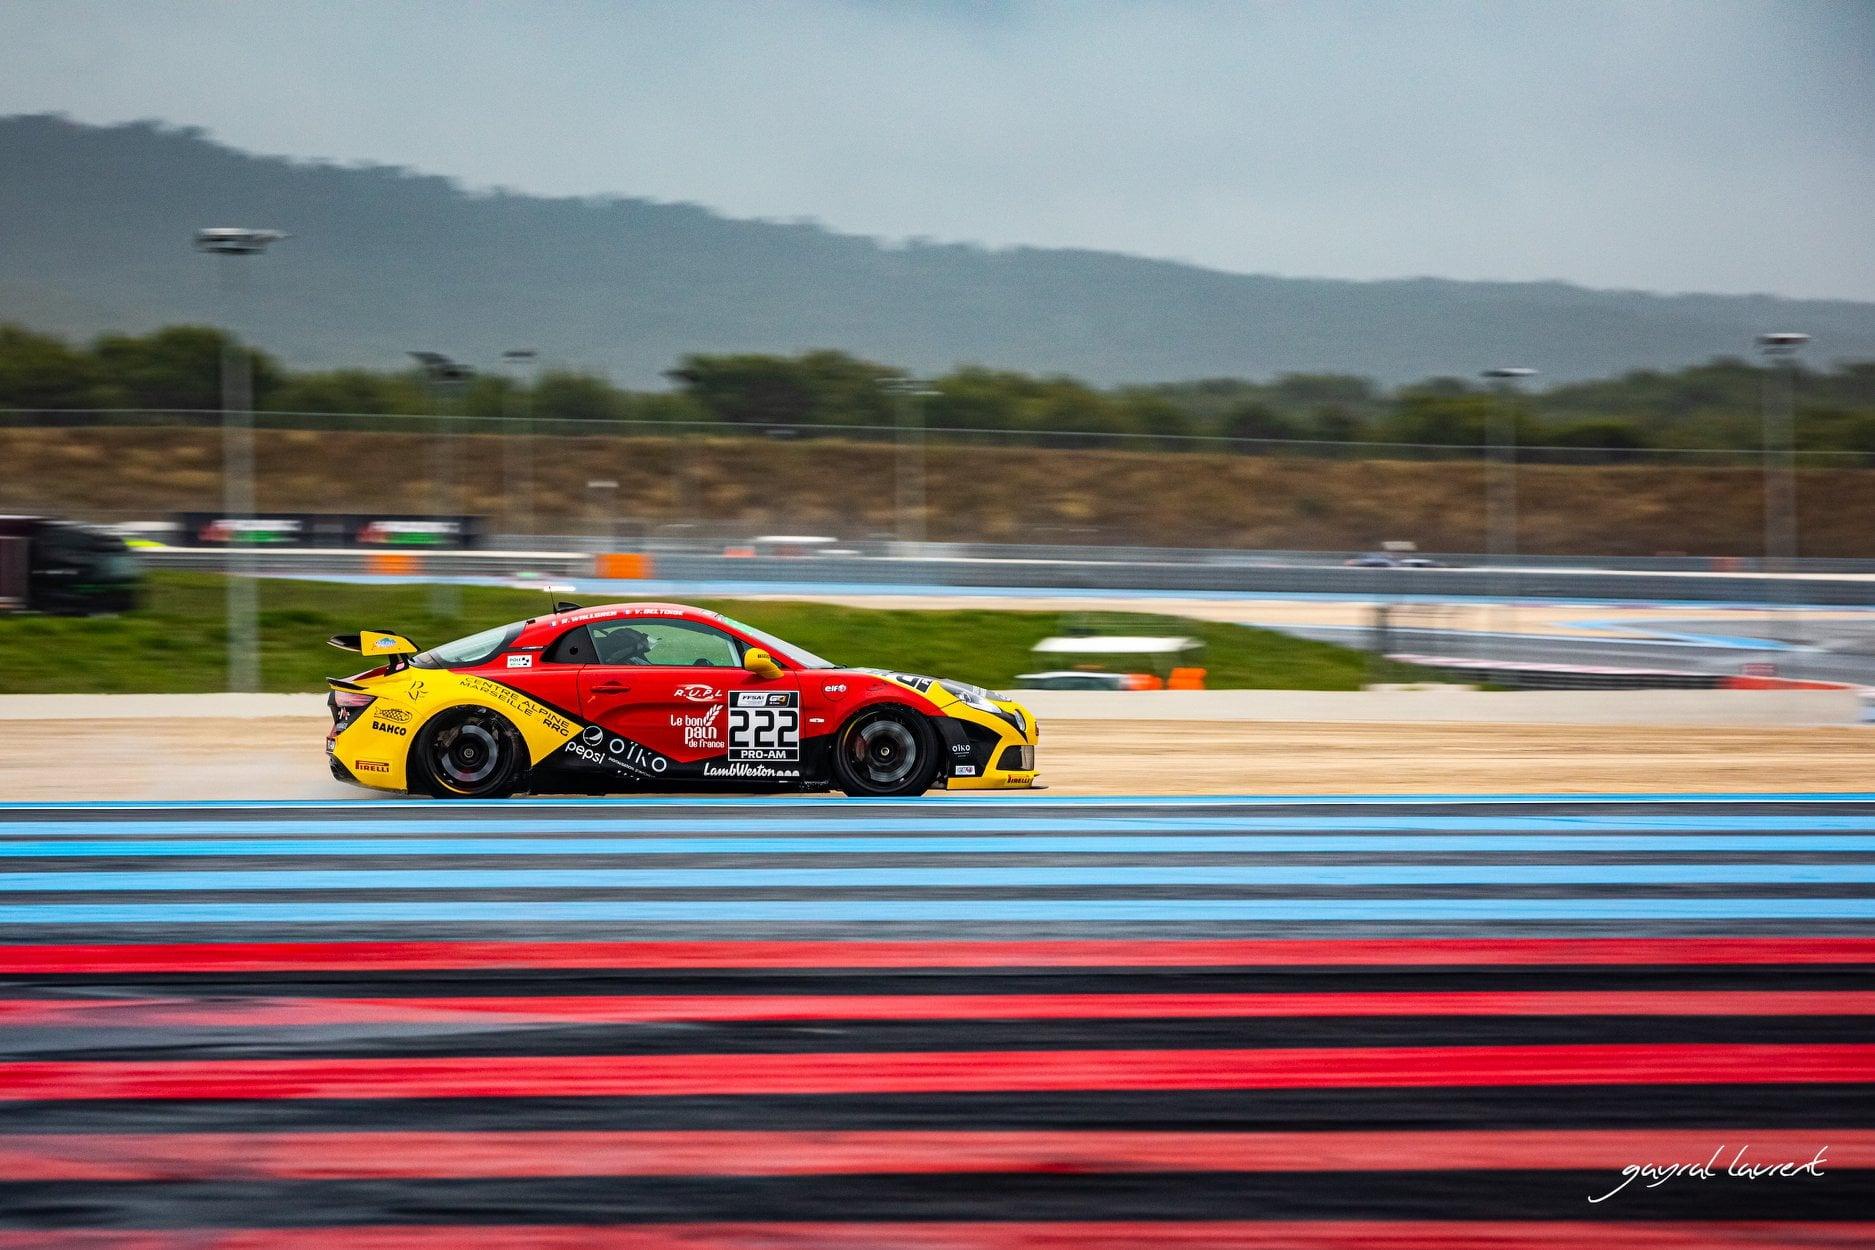 Alpine A110 GT4 FFSA GT Castellet Paul Ricard 2020 11 | Alpine A110 GT4 : Première victoire de Mirage Racing au Castellet en FFSA GT 2020